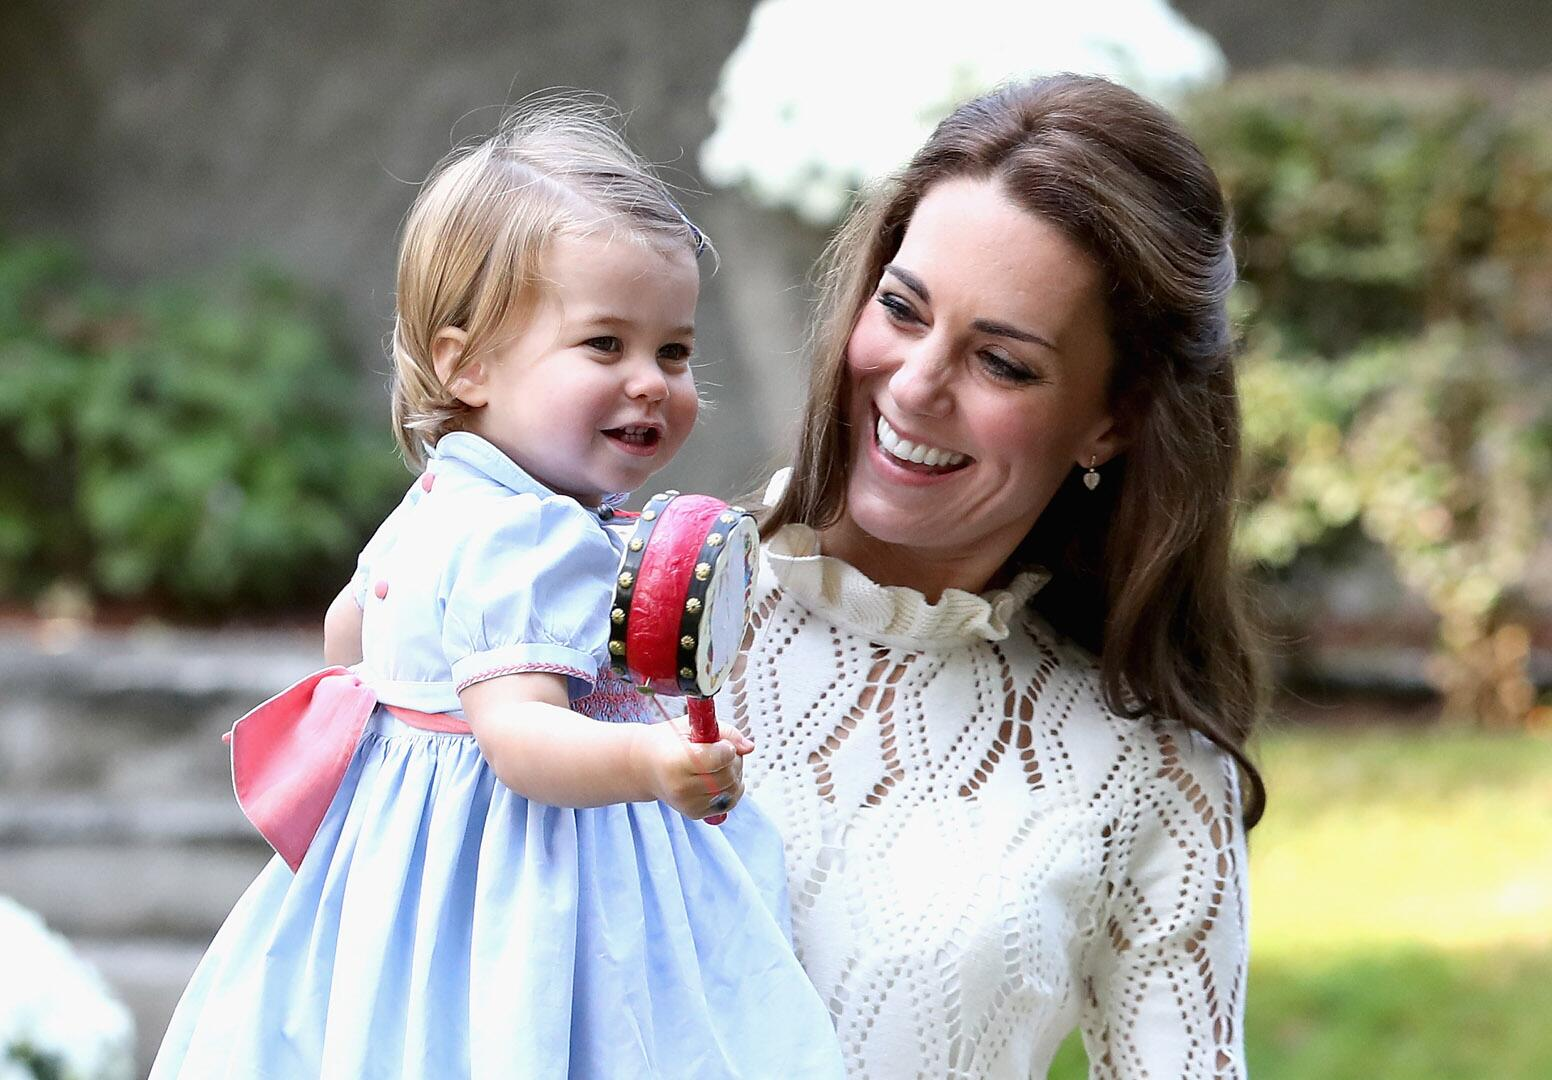 Bild zu Royals, Prinzessin Charlotte, Kinderparty, Herzogin Kate, Rassel